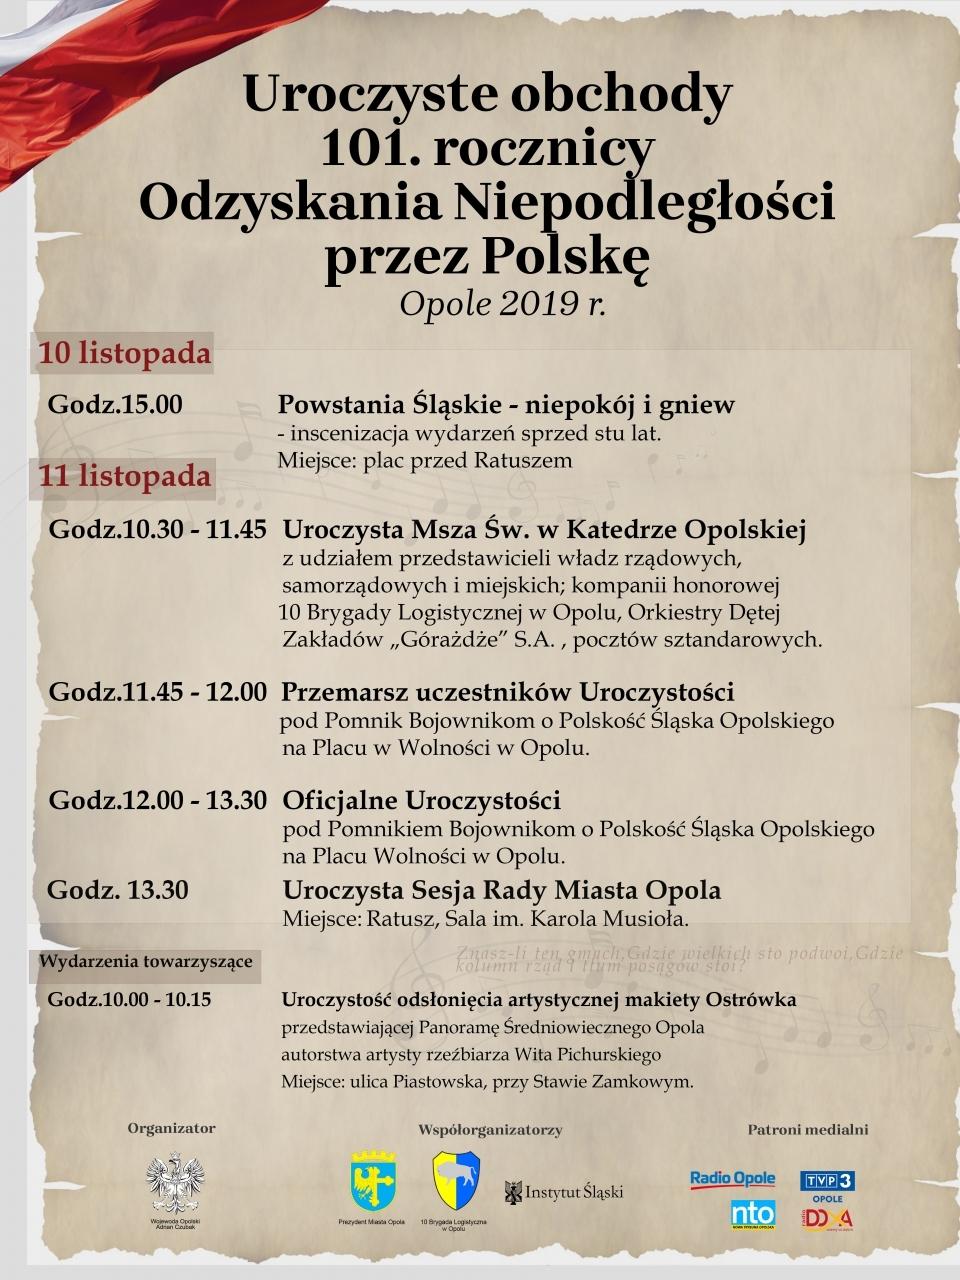 Zbliża się 101. rocznica Odzyskania Niepodległości przez Polskę – poznaj program obchodów w Opolu! [materiały organizatora]